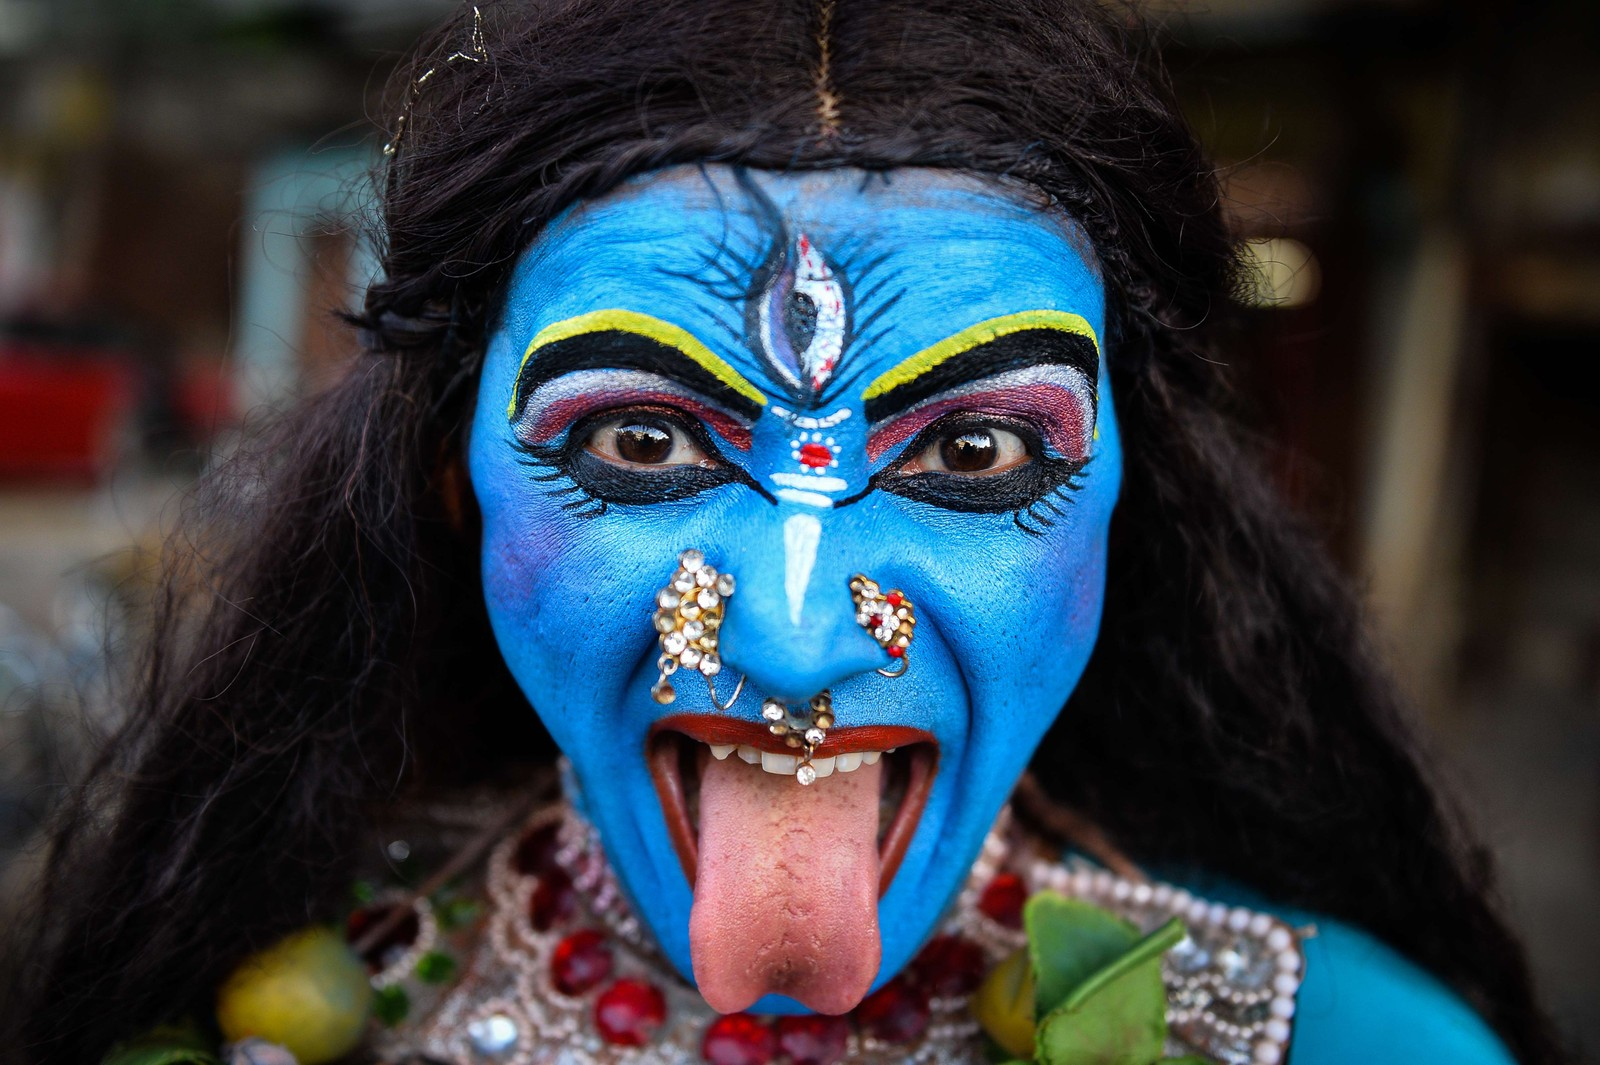 Den indiske kustneren Ravi Kali (32) utkledd som guden Kali som en del av feiringa av den religiøse festivalen Ganesh Chaturthi i New Delhi, India.